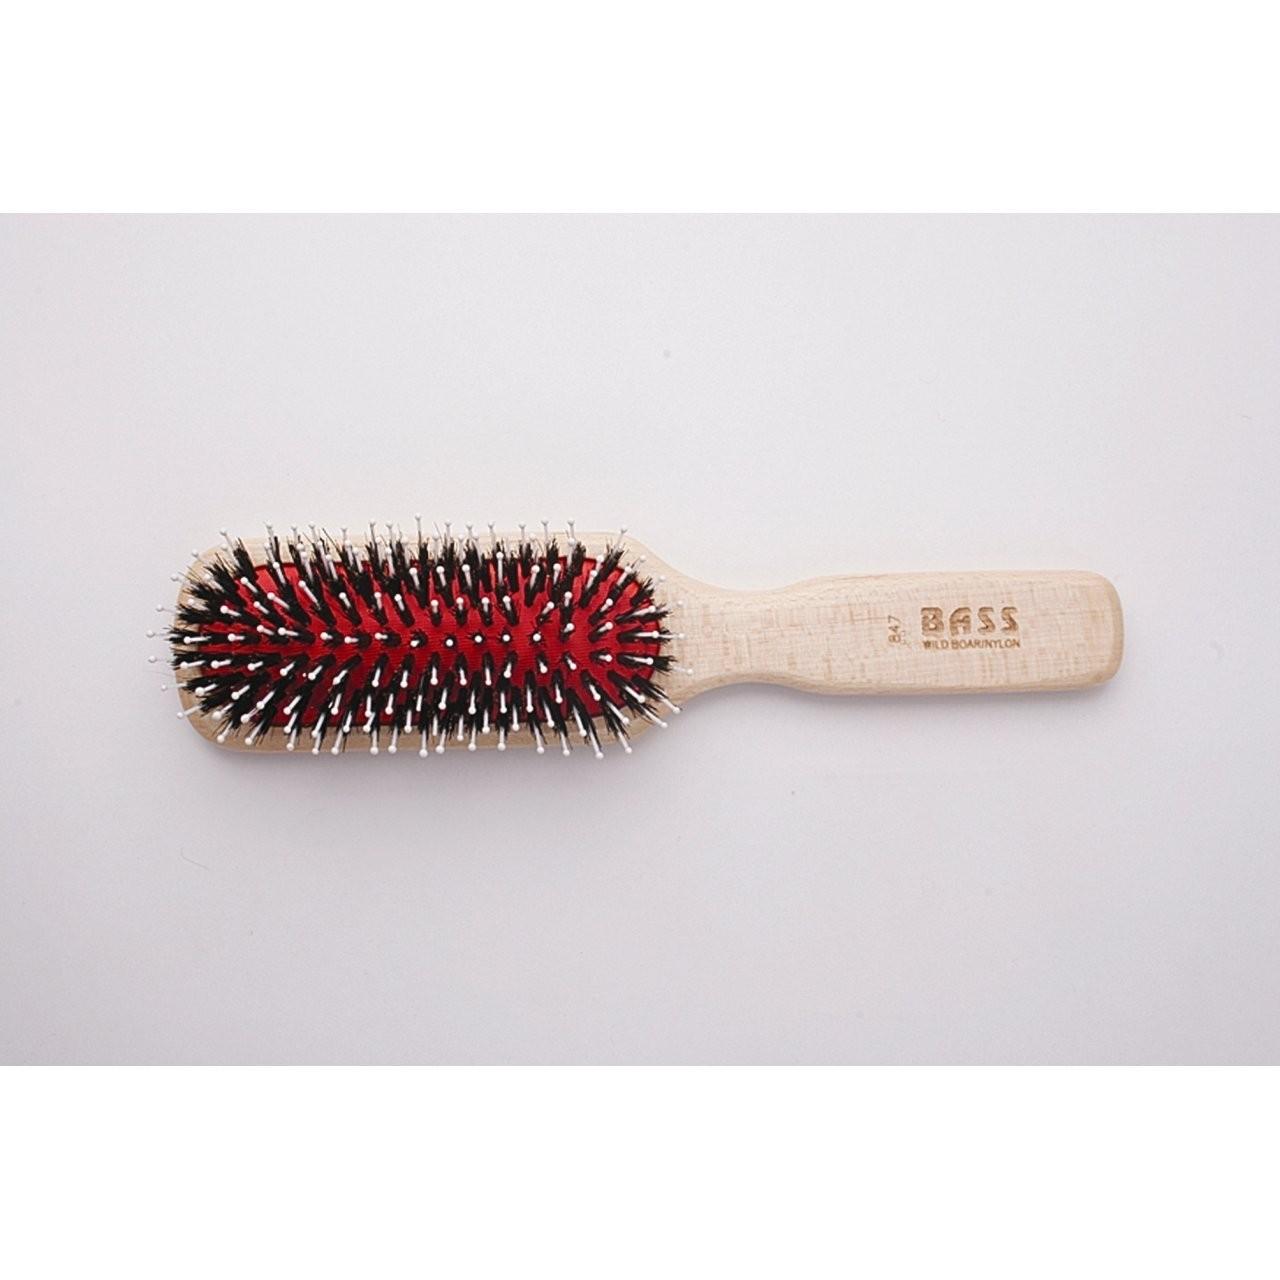 Bass Brushes Professional Style: Cushion, 100% Wild Boar/White Nylon,  Wood Handle